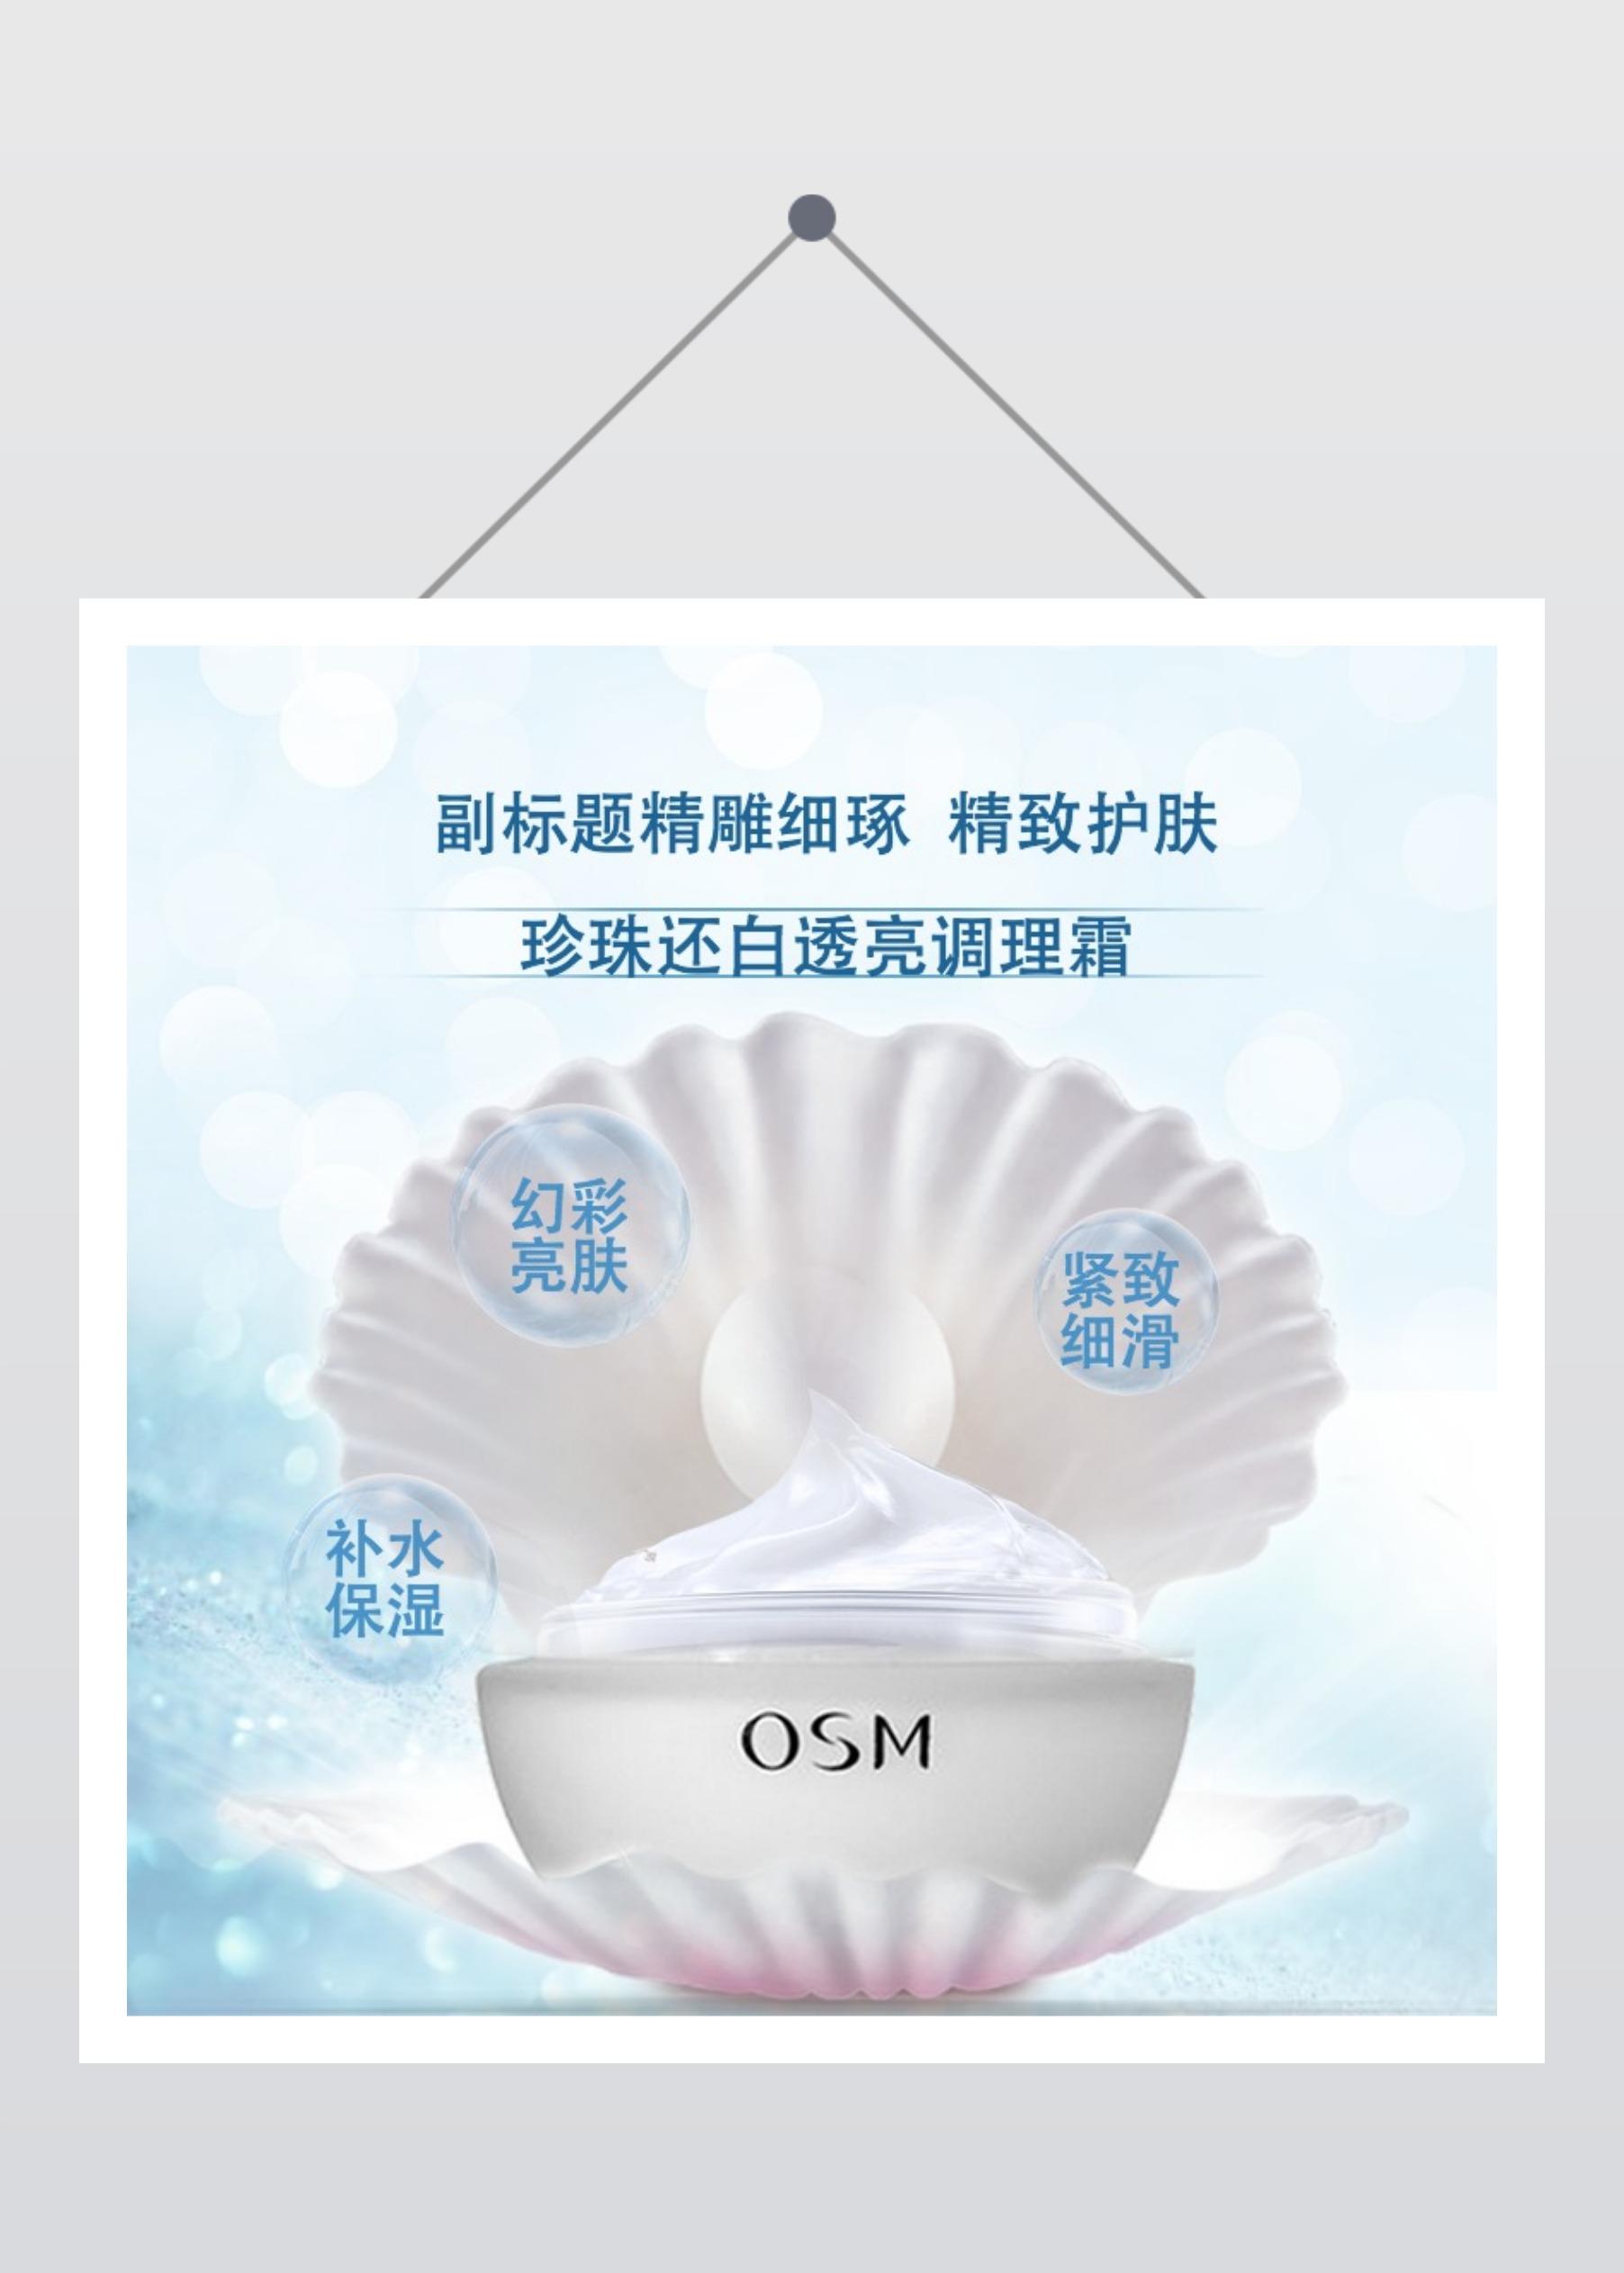 清新浪漫调理霜美妆电商主图